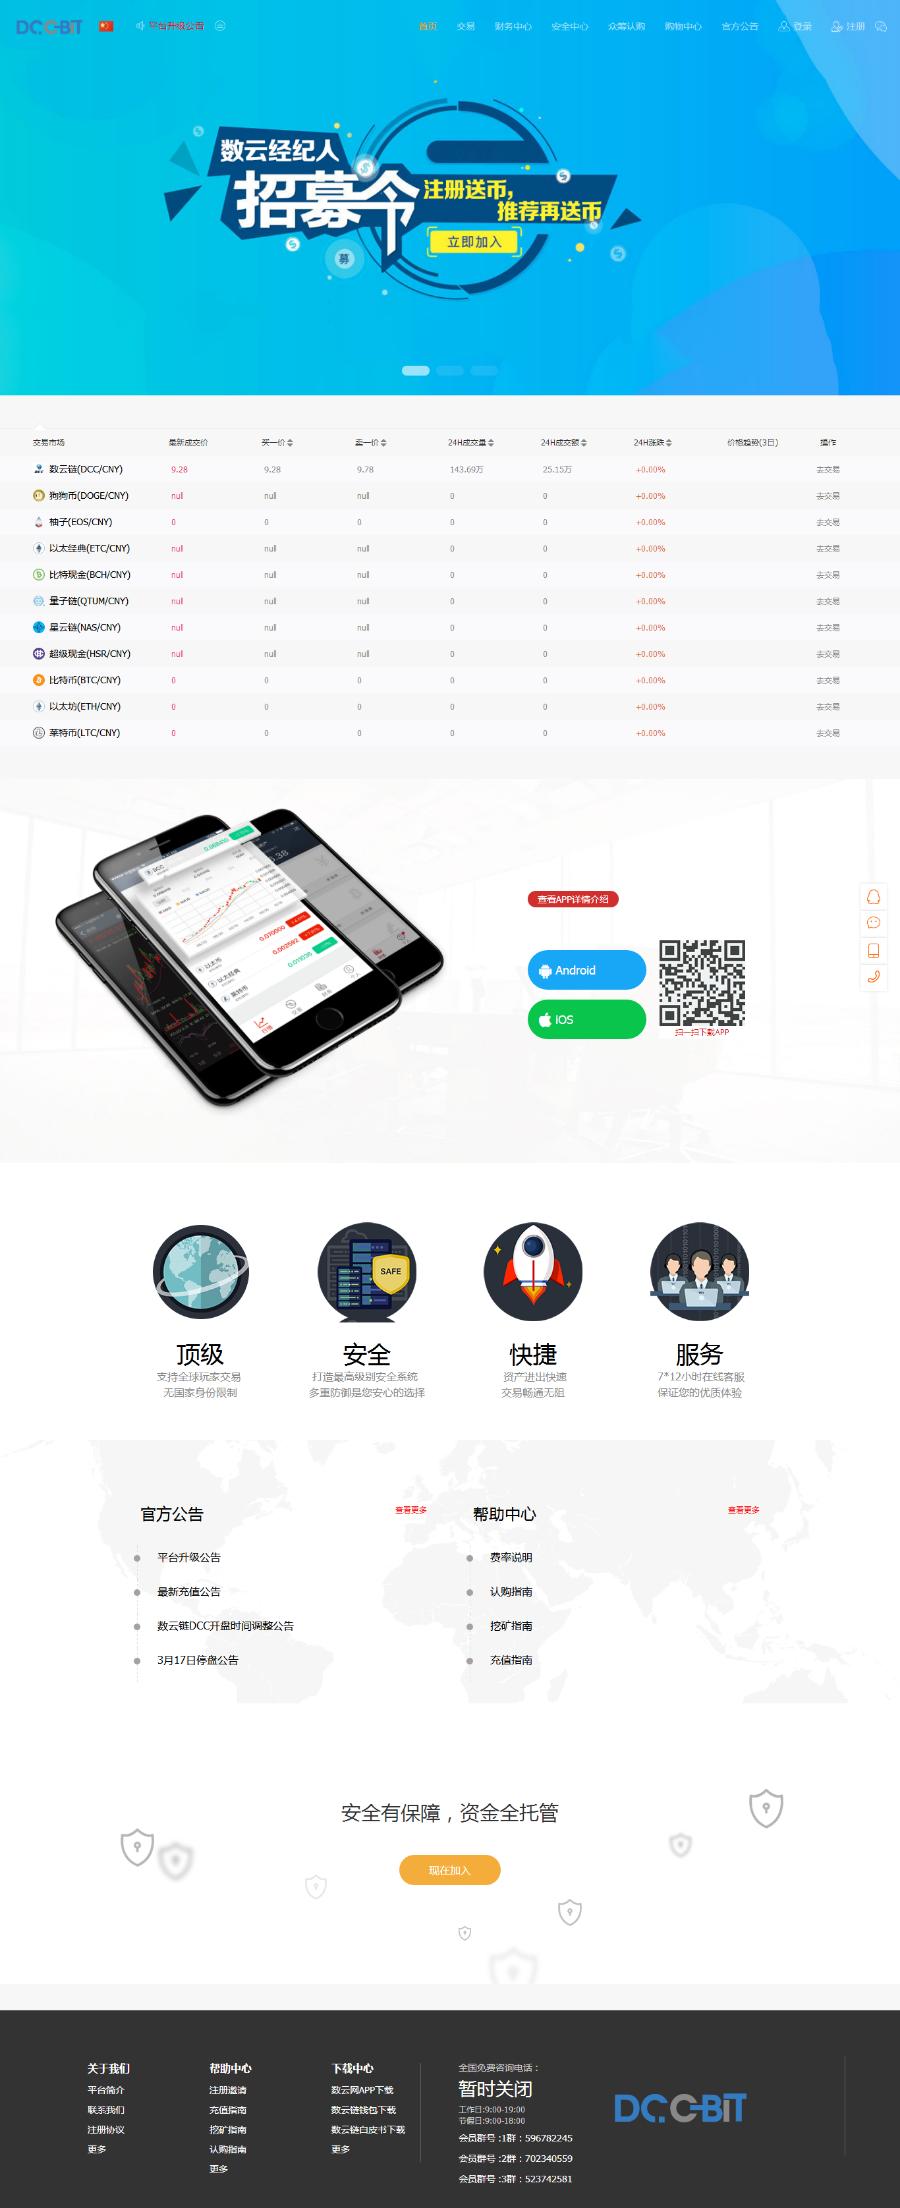 最新虚拟币交易平台源码 山寨币源码|虚拟币源码|交易所|币币交易|点对点交易,BUG修复版